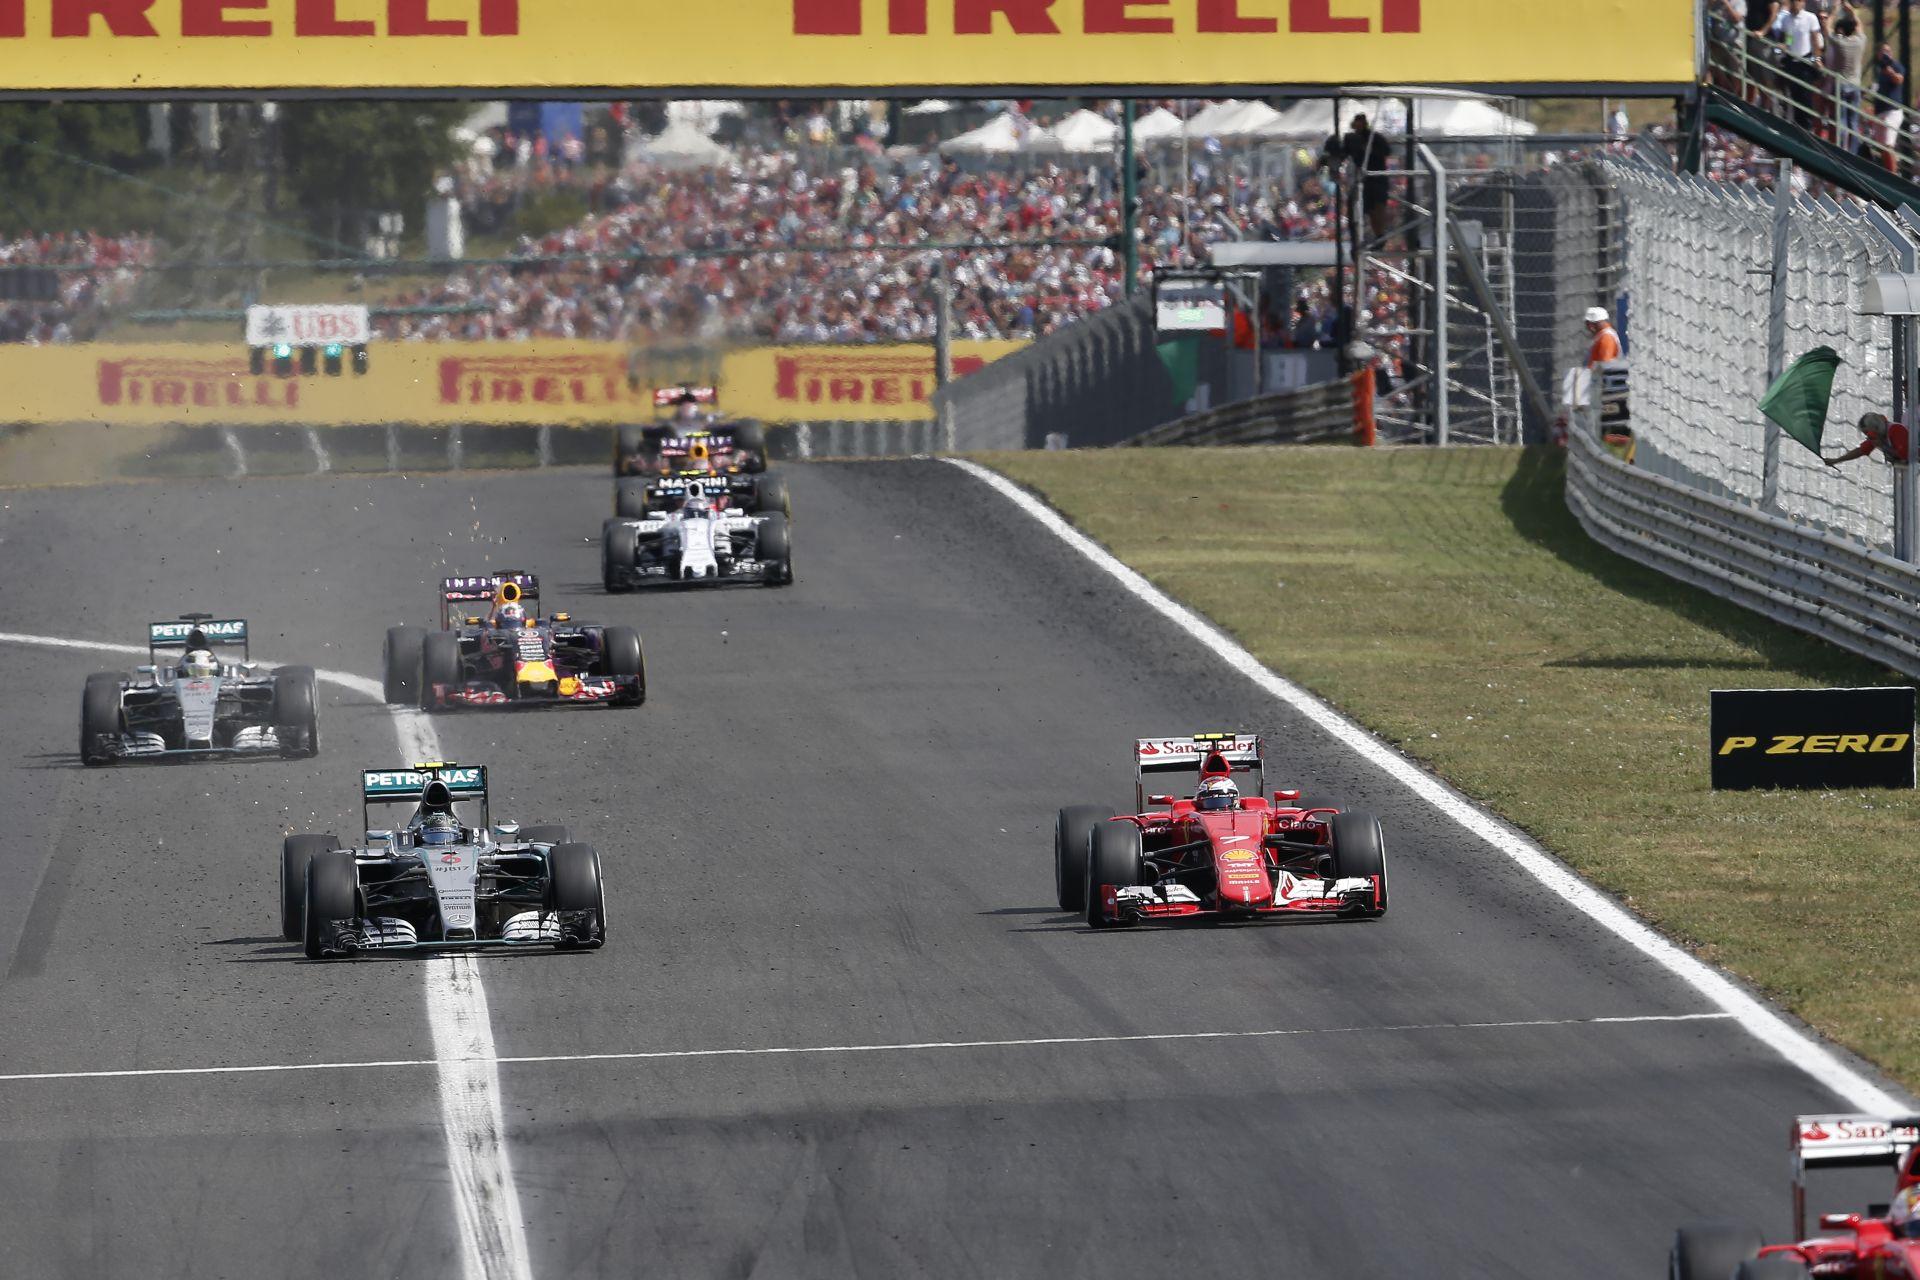 F1-es erősorrend: A Mercedes csak betlizett a Hungaroringen, vagy Spában ismét visszaesnek?